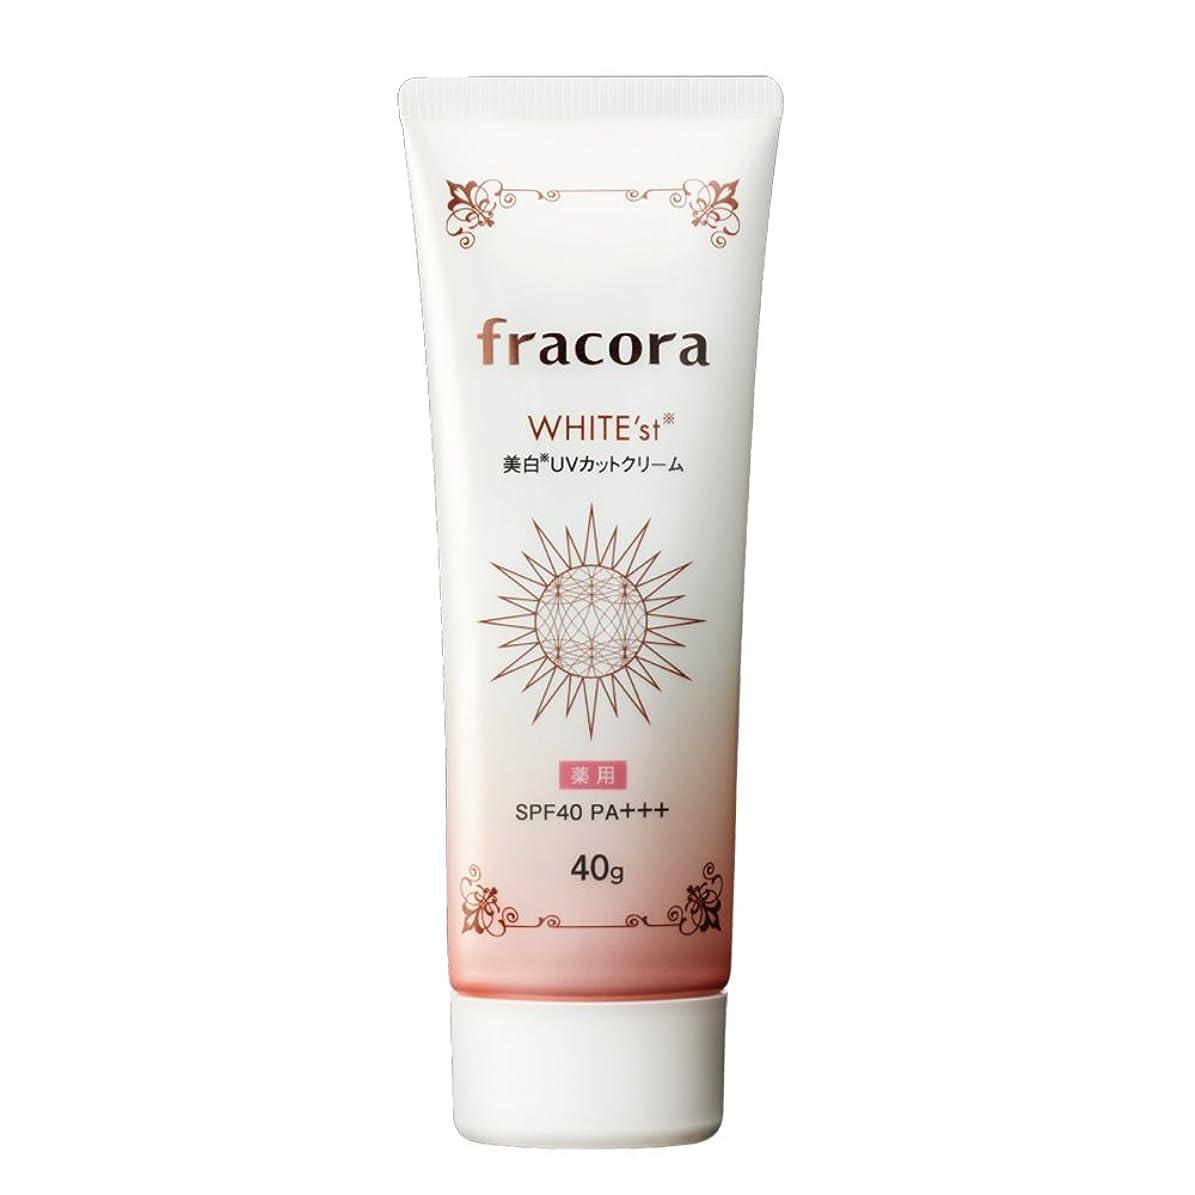 休暇担保応じるfracora(フラコラ) ホワイテスト 美白UVカットクリーム 40g